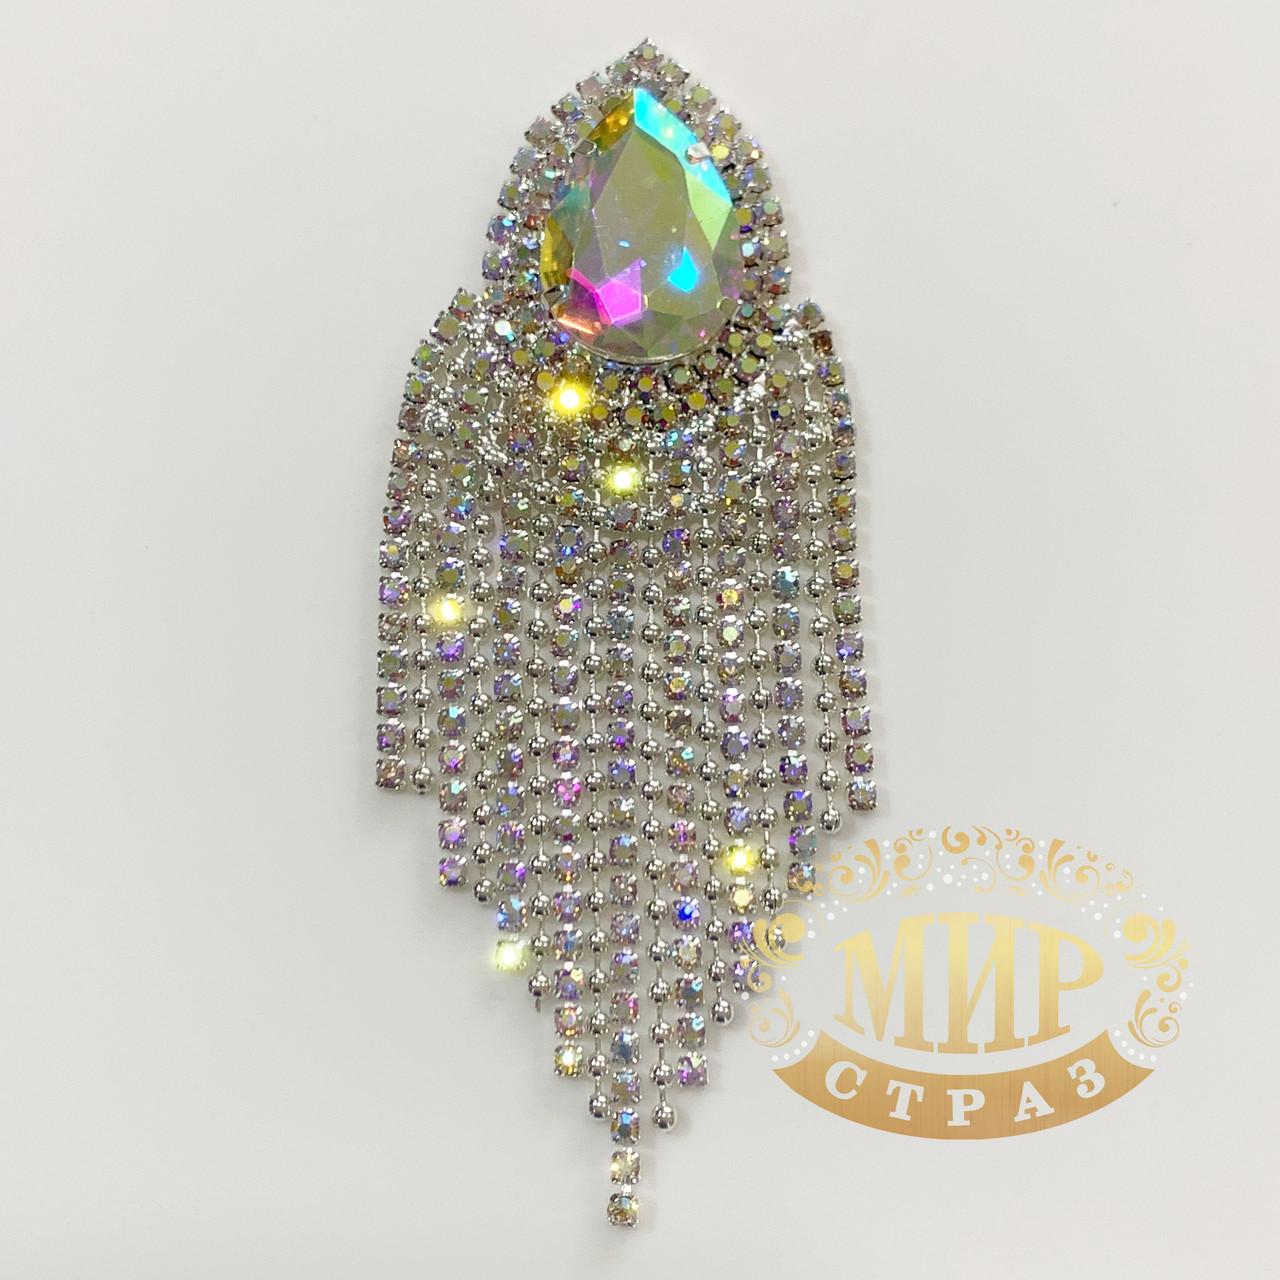 Хрустальный декор, цвет Crystal АВ, размер 3,5х10см, 1 шт